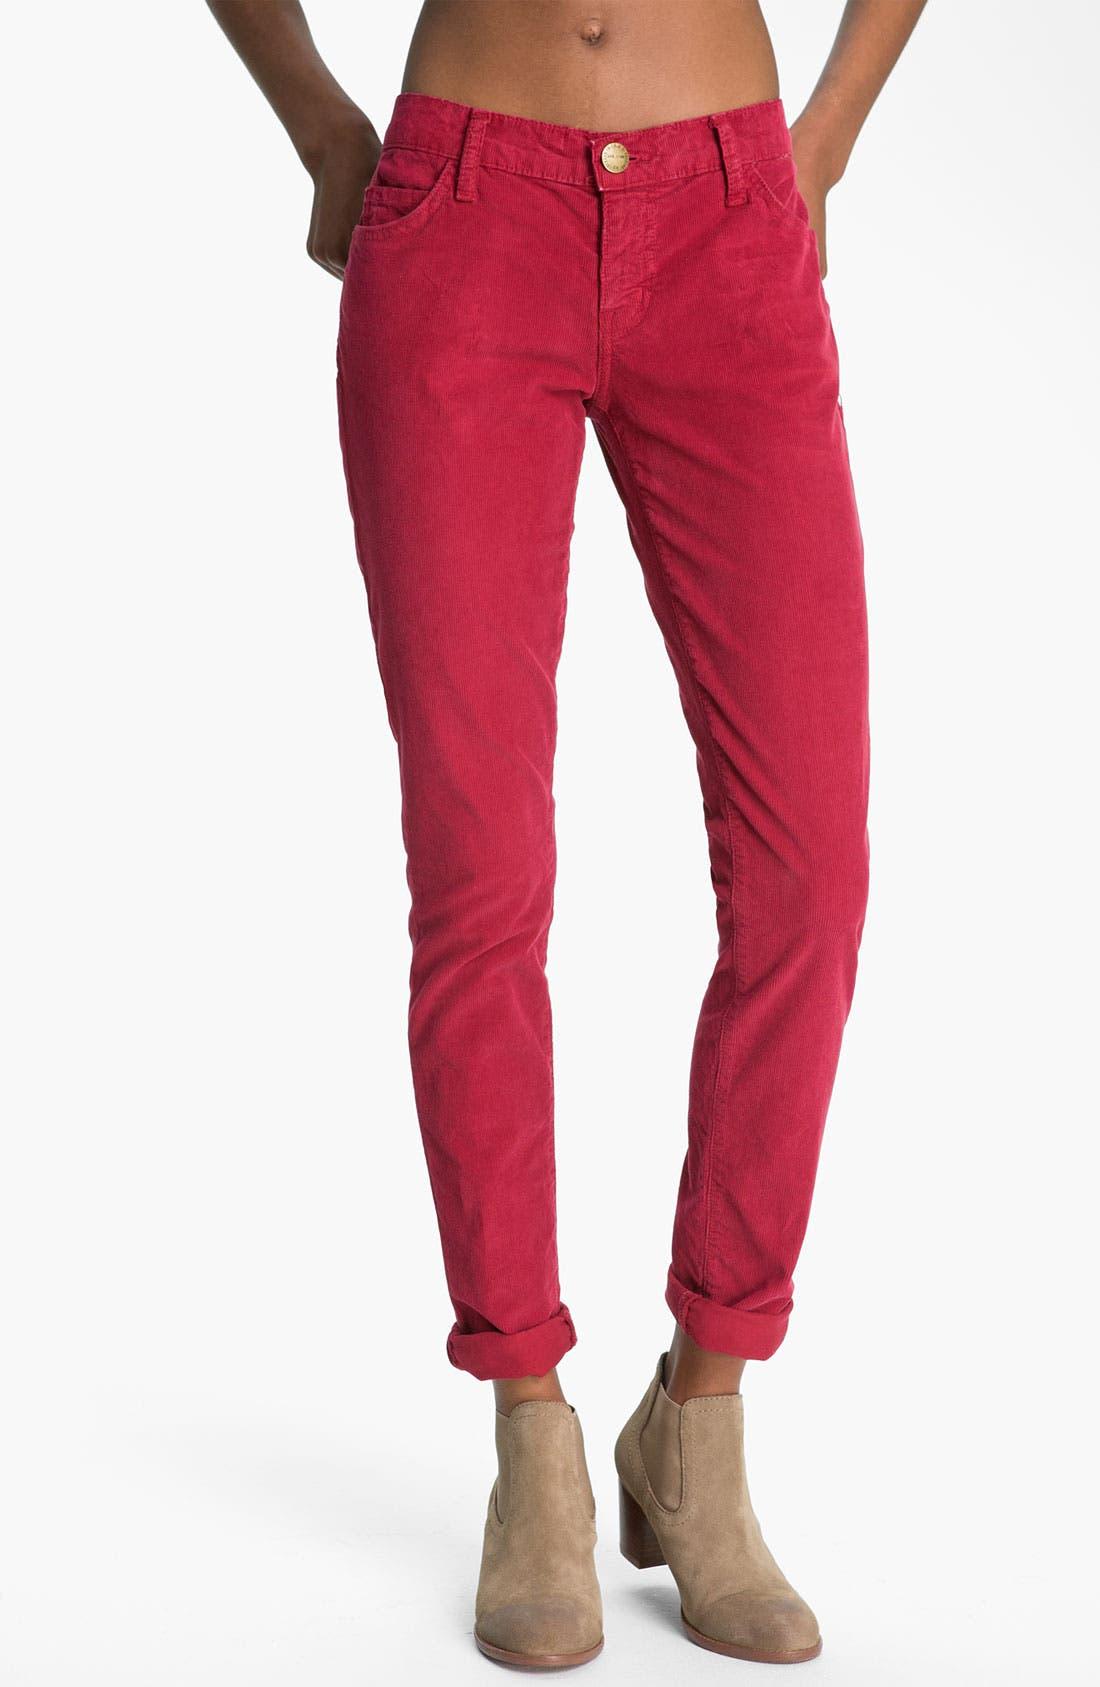 Alternate Image 1 Selected - Current/Elliott 'The Skinny' Stretch Jeans (Vintage Crimson)